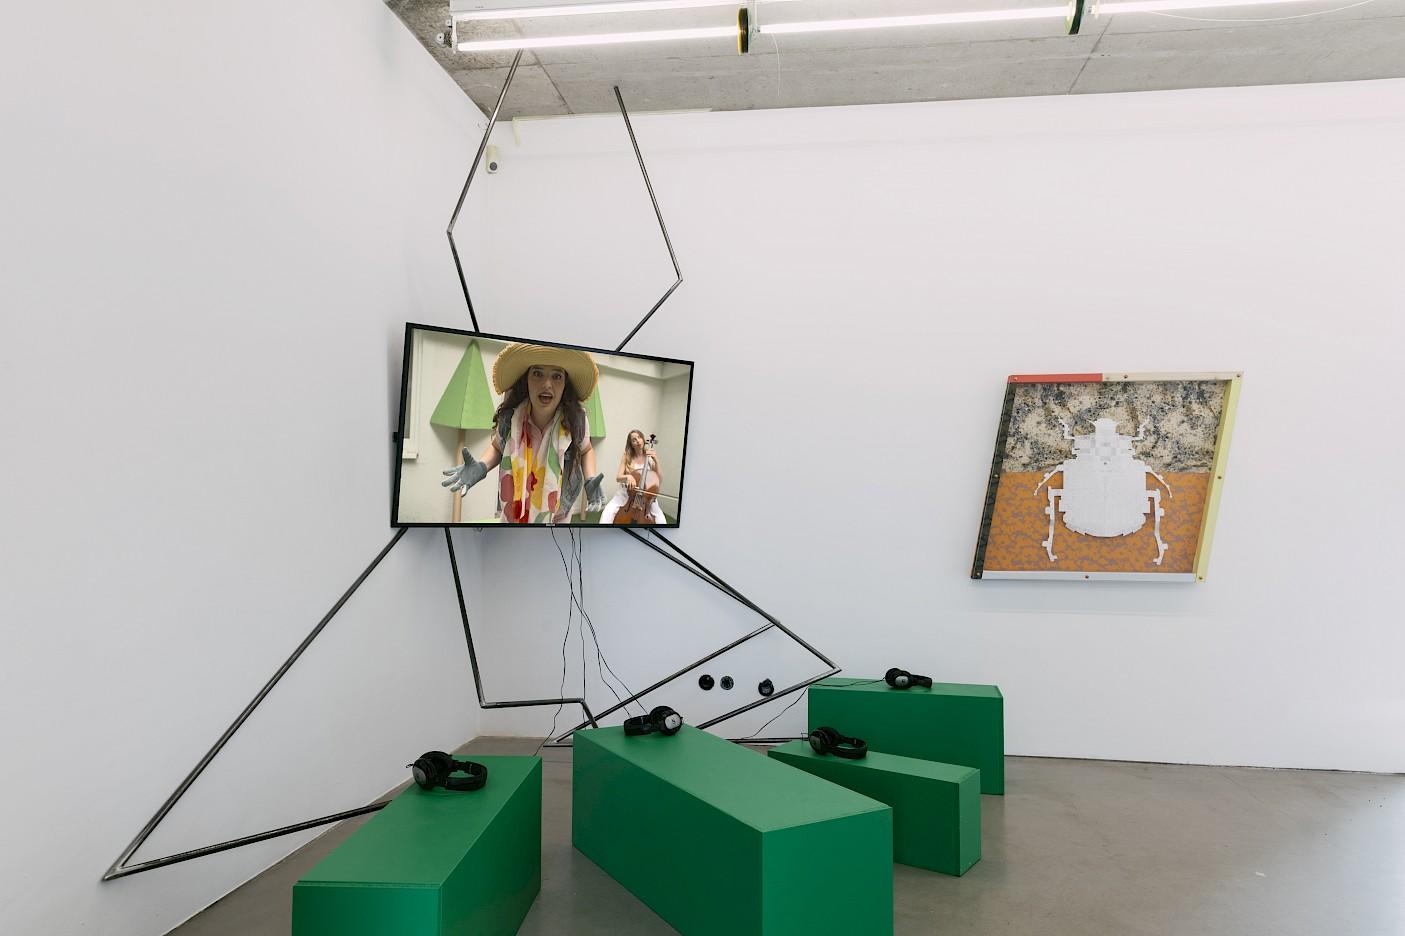 Nadia Perlov, Jardin Jadore, 2020, Video-Installation; Lady Bug, 2020, 100 x 100 x 6 cm, Installationsansicht L'Esprit—Absolventenausstellung 2020, Foto: Eike Walkenhorst